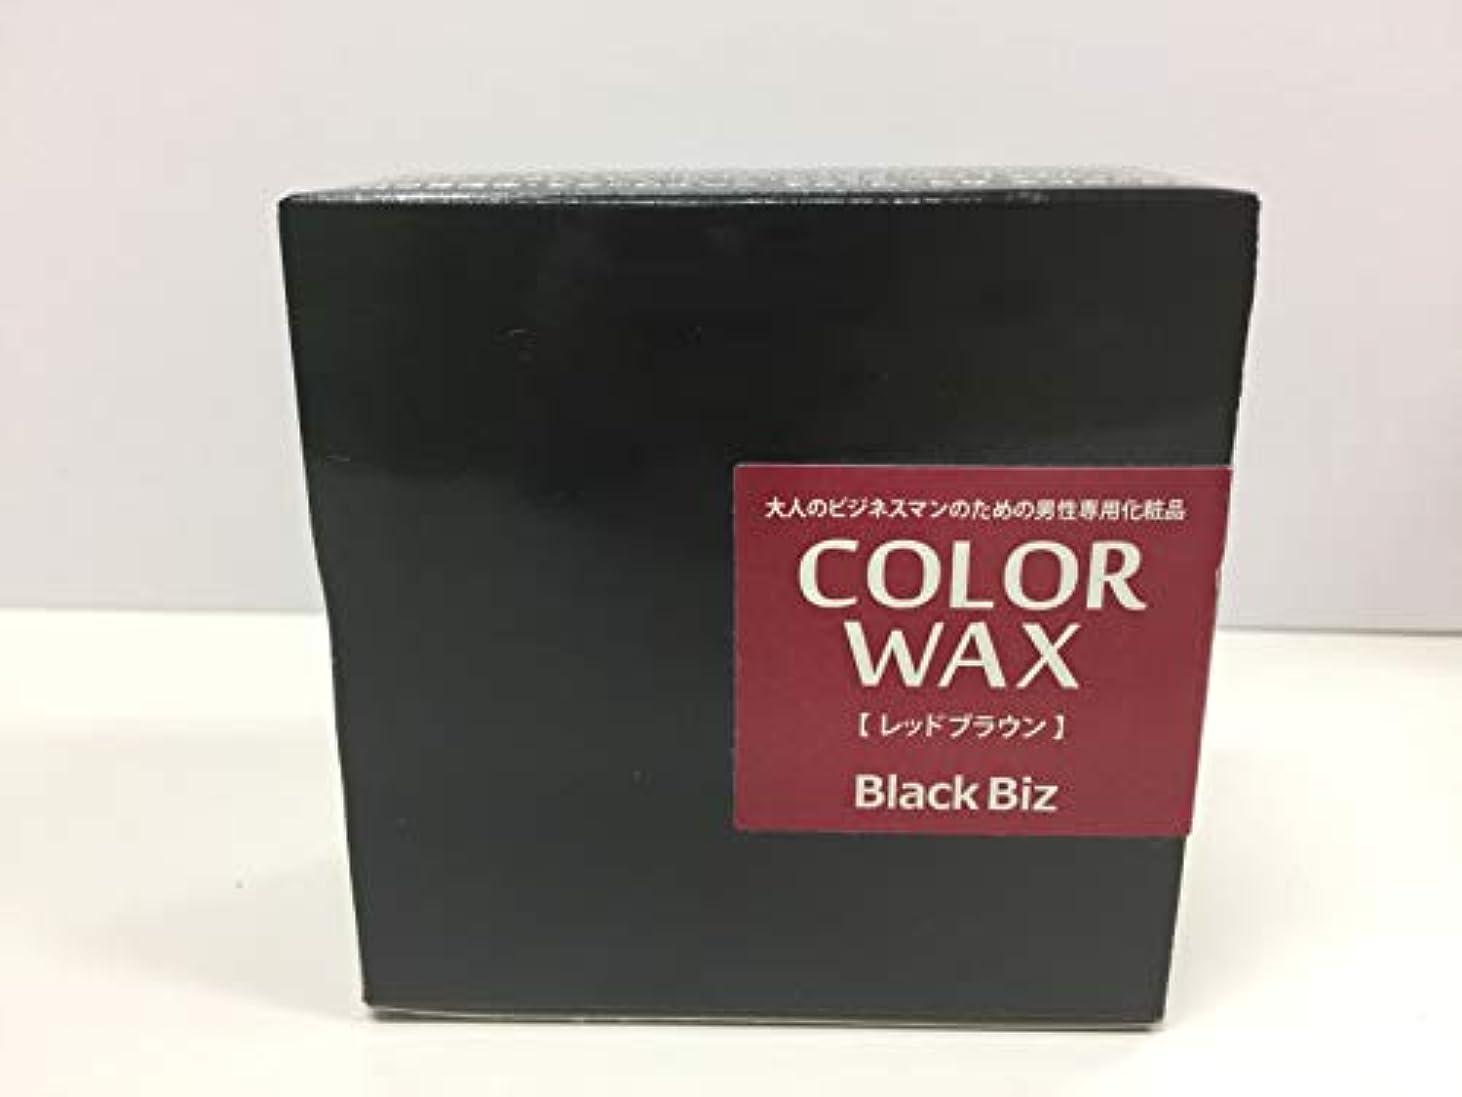 ブリード脅威注文大人のビジネスマンのための男性専用化粧品 BlackBiz COLOR WAX ブラックビズ カラーワックス 【レッドブラウン】